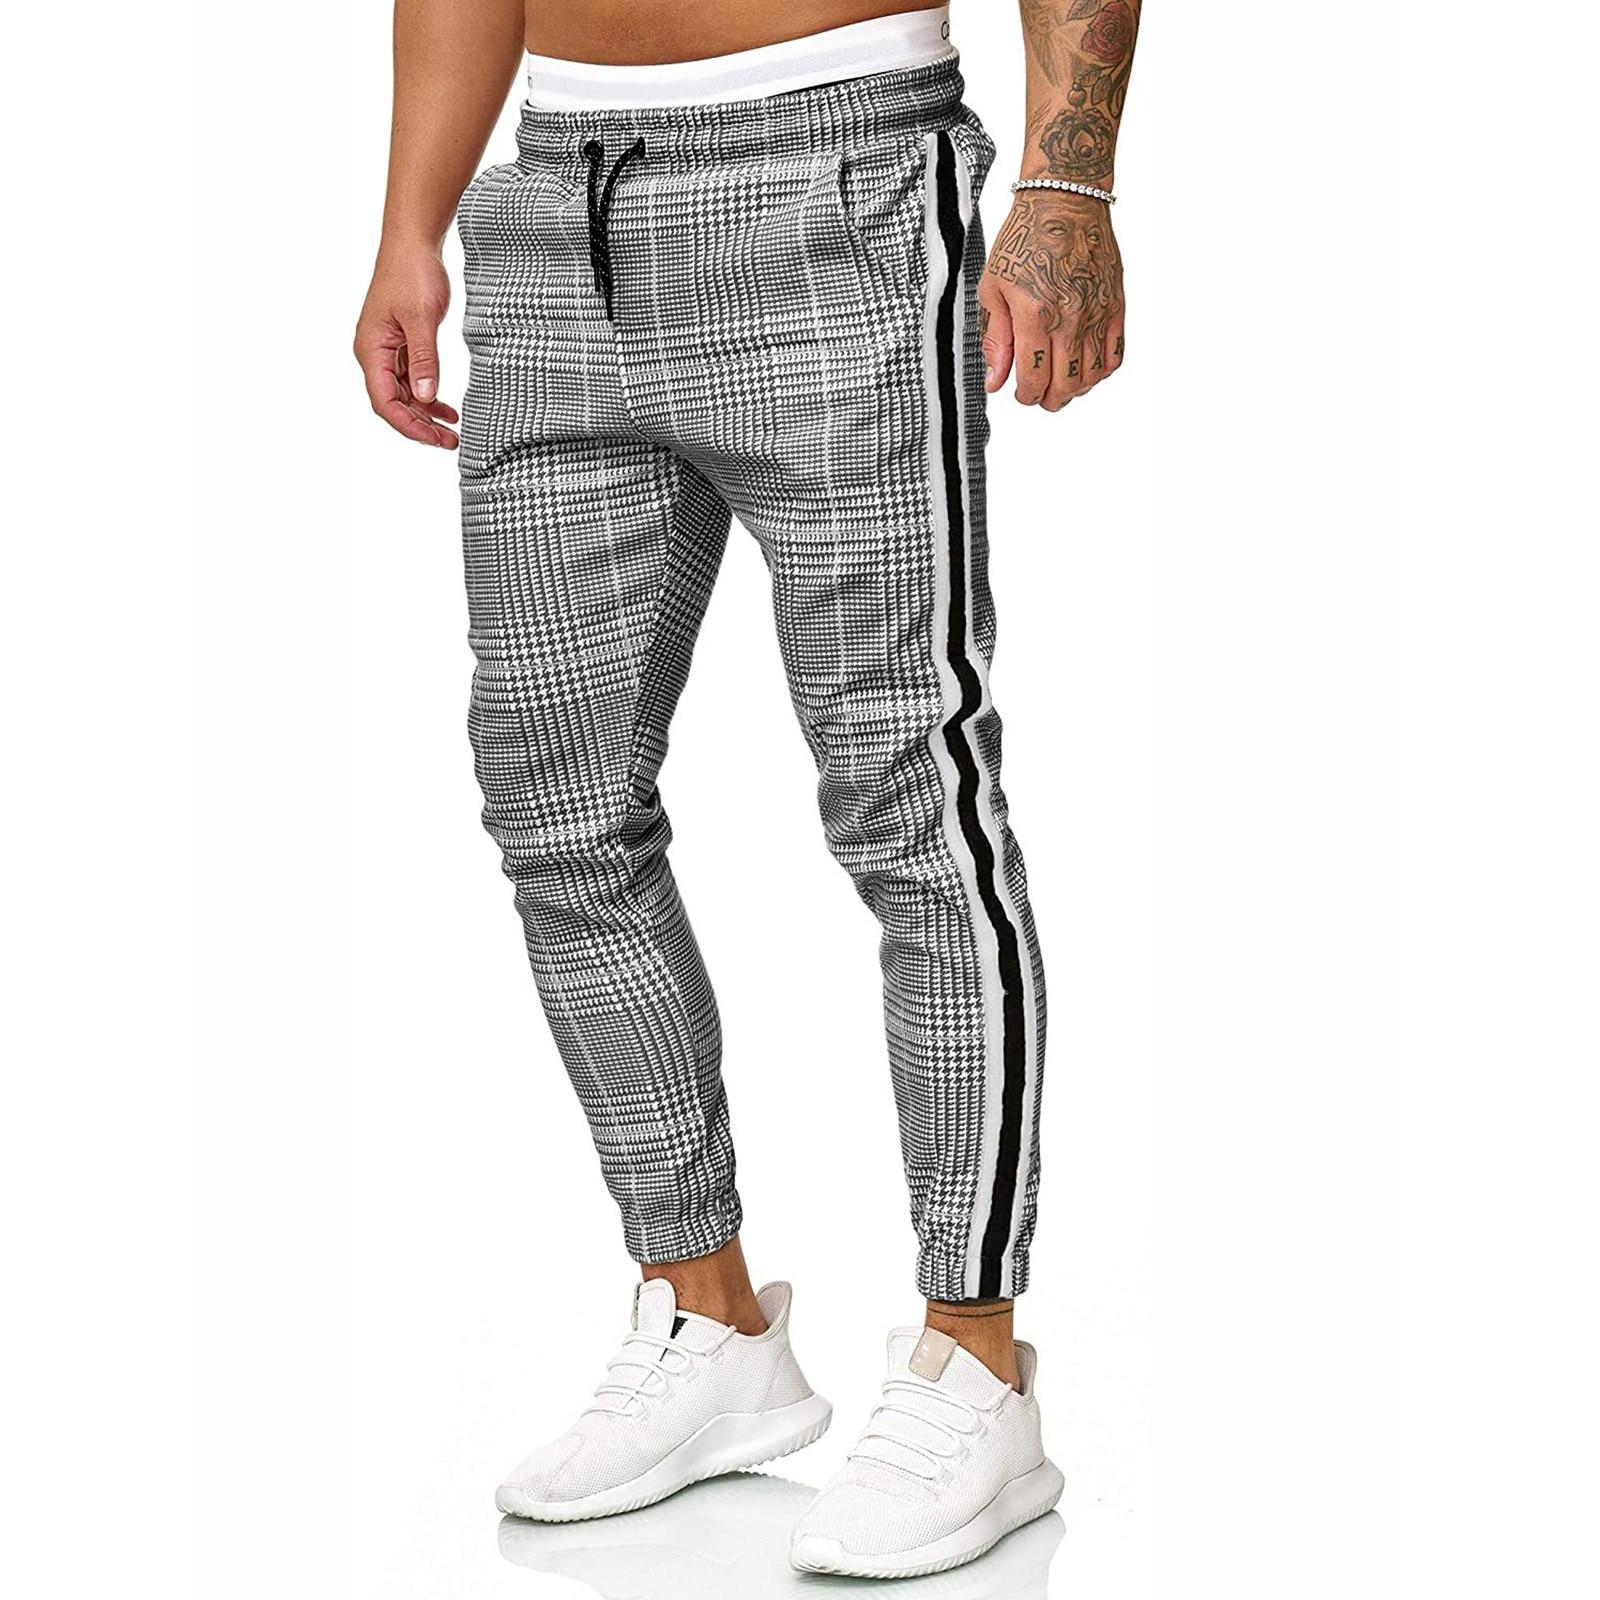 Новый спортивный Штаны Для мужчин карман с клетчатым принтом бег Штаны спортивный для футбола, штаны для тренировок, спортивные Штаны эласт...